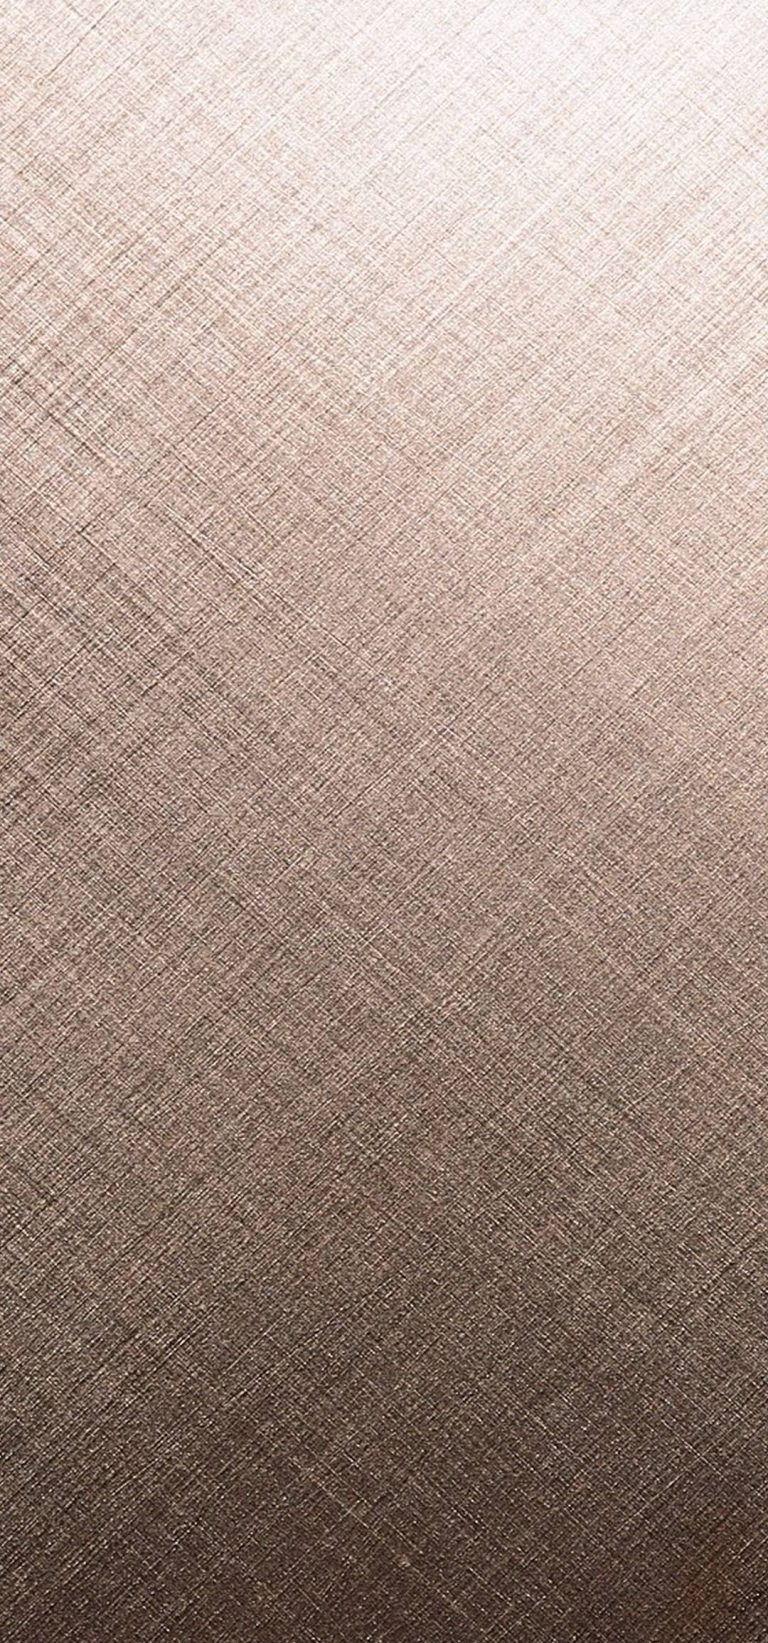 1080x2310 Wallpaper 369 768x1643